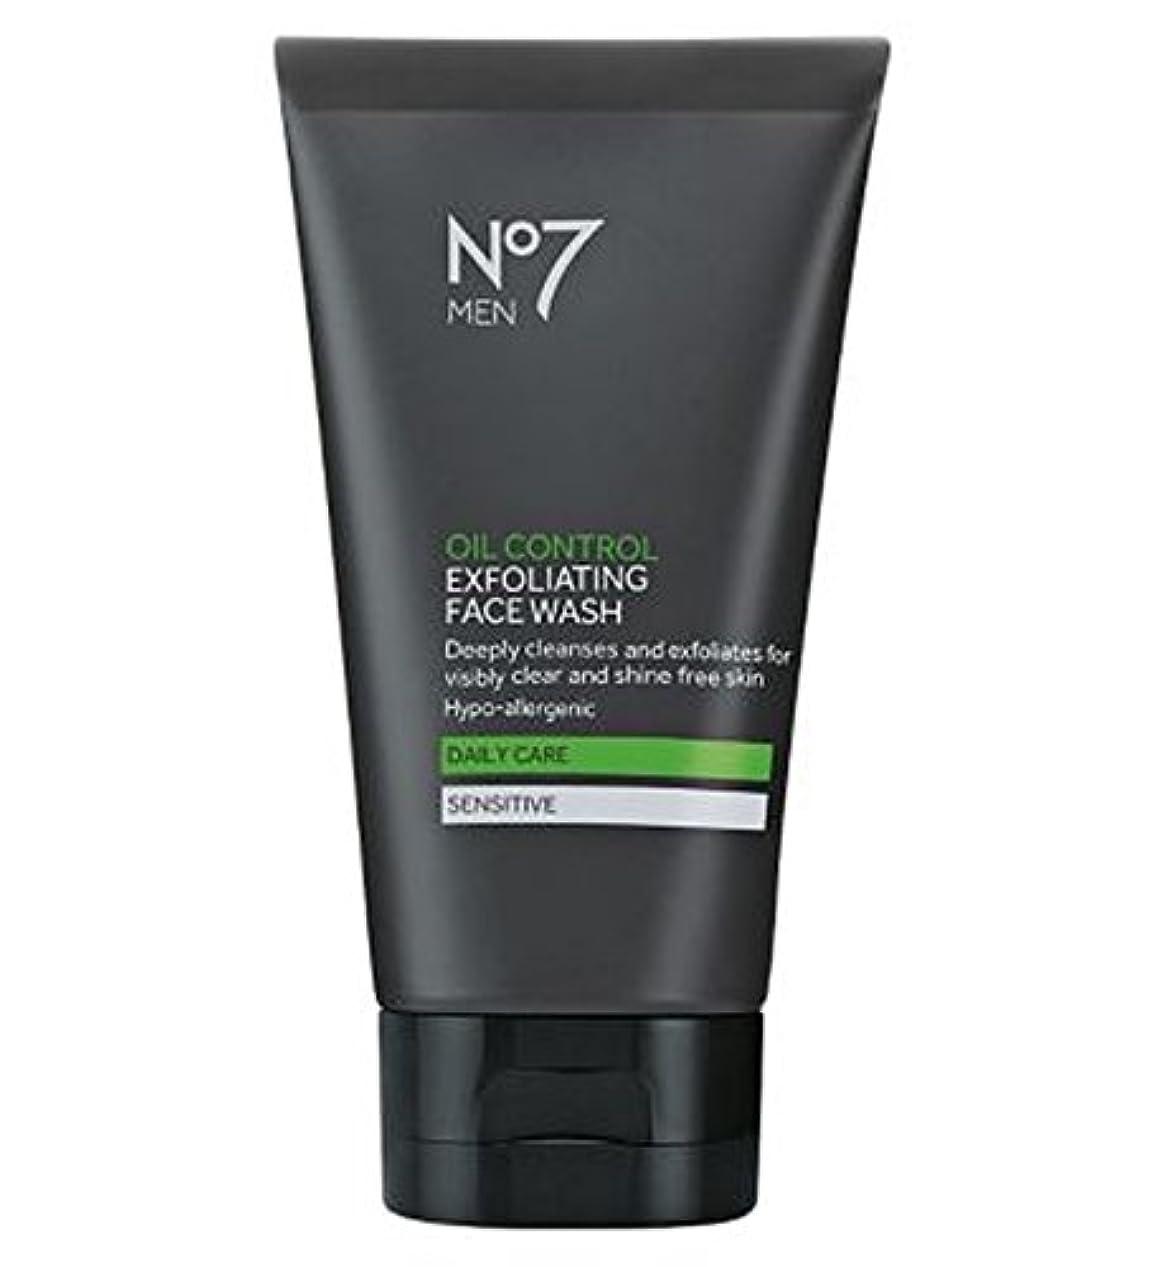 No7 Men Oil Control Face Wash 150ml - No7男性オイルコントロールフェイスウォッシュ150ミリリットル (No7) [並行輸入品]